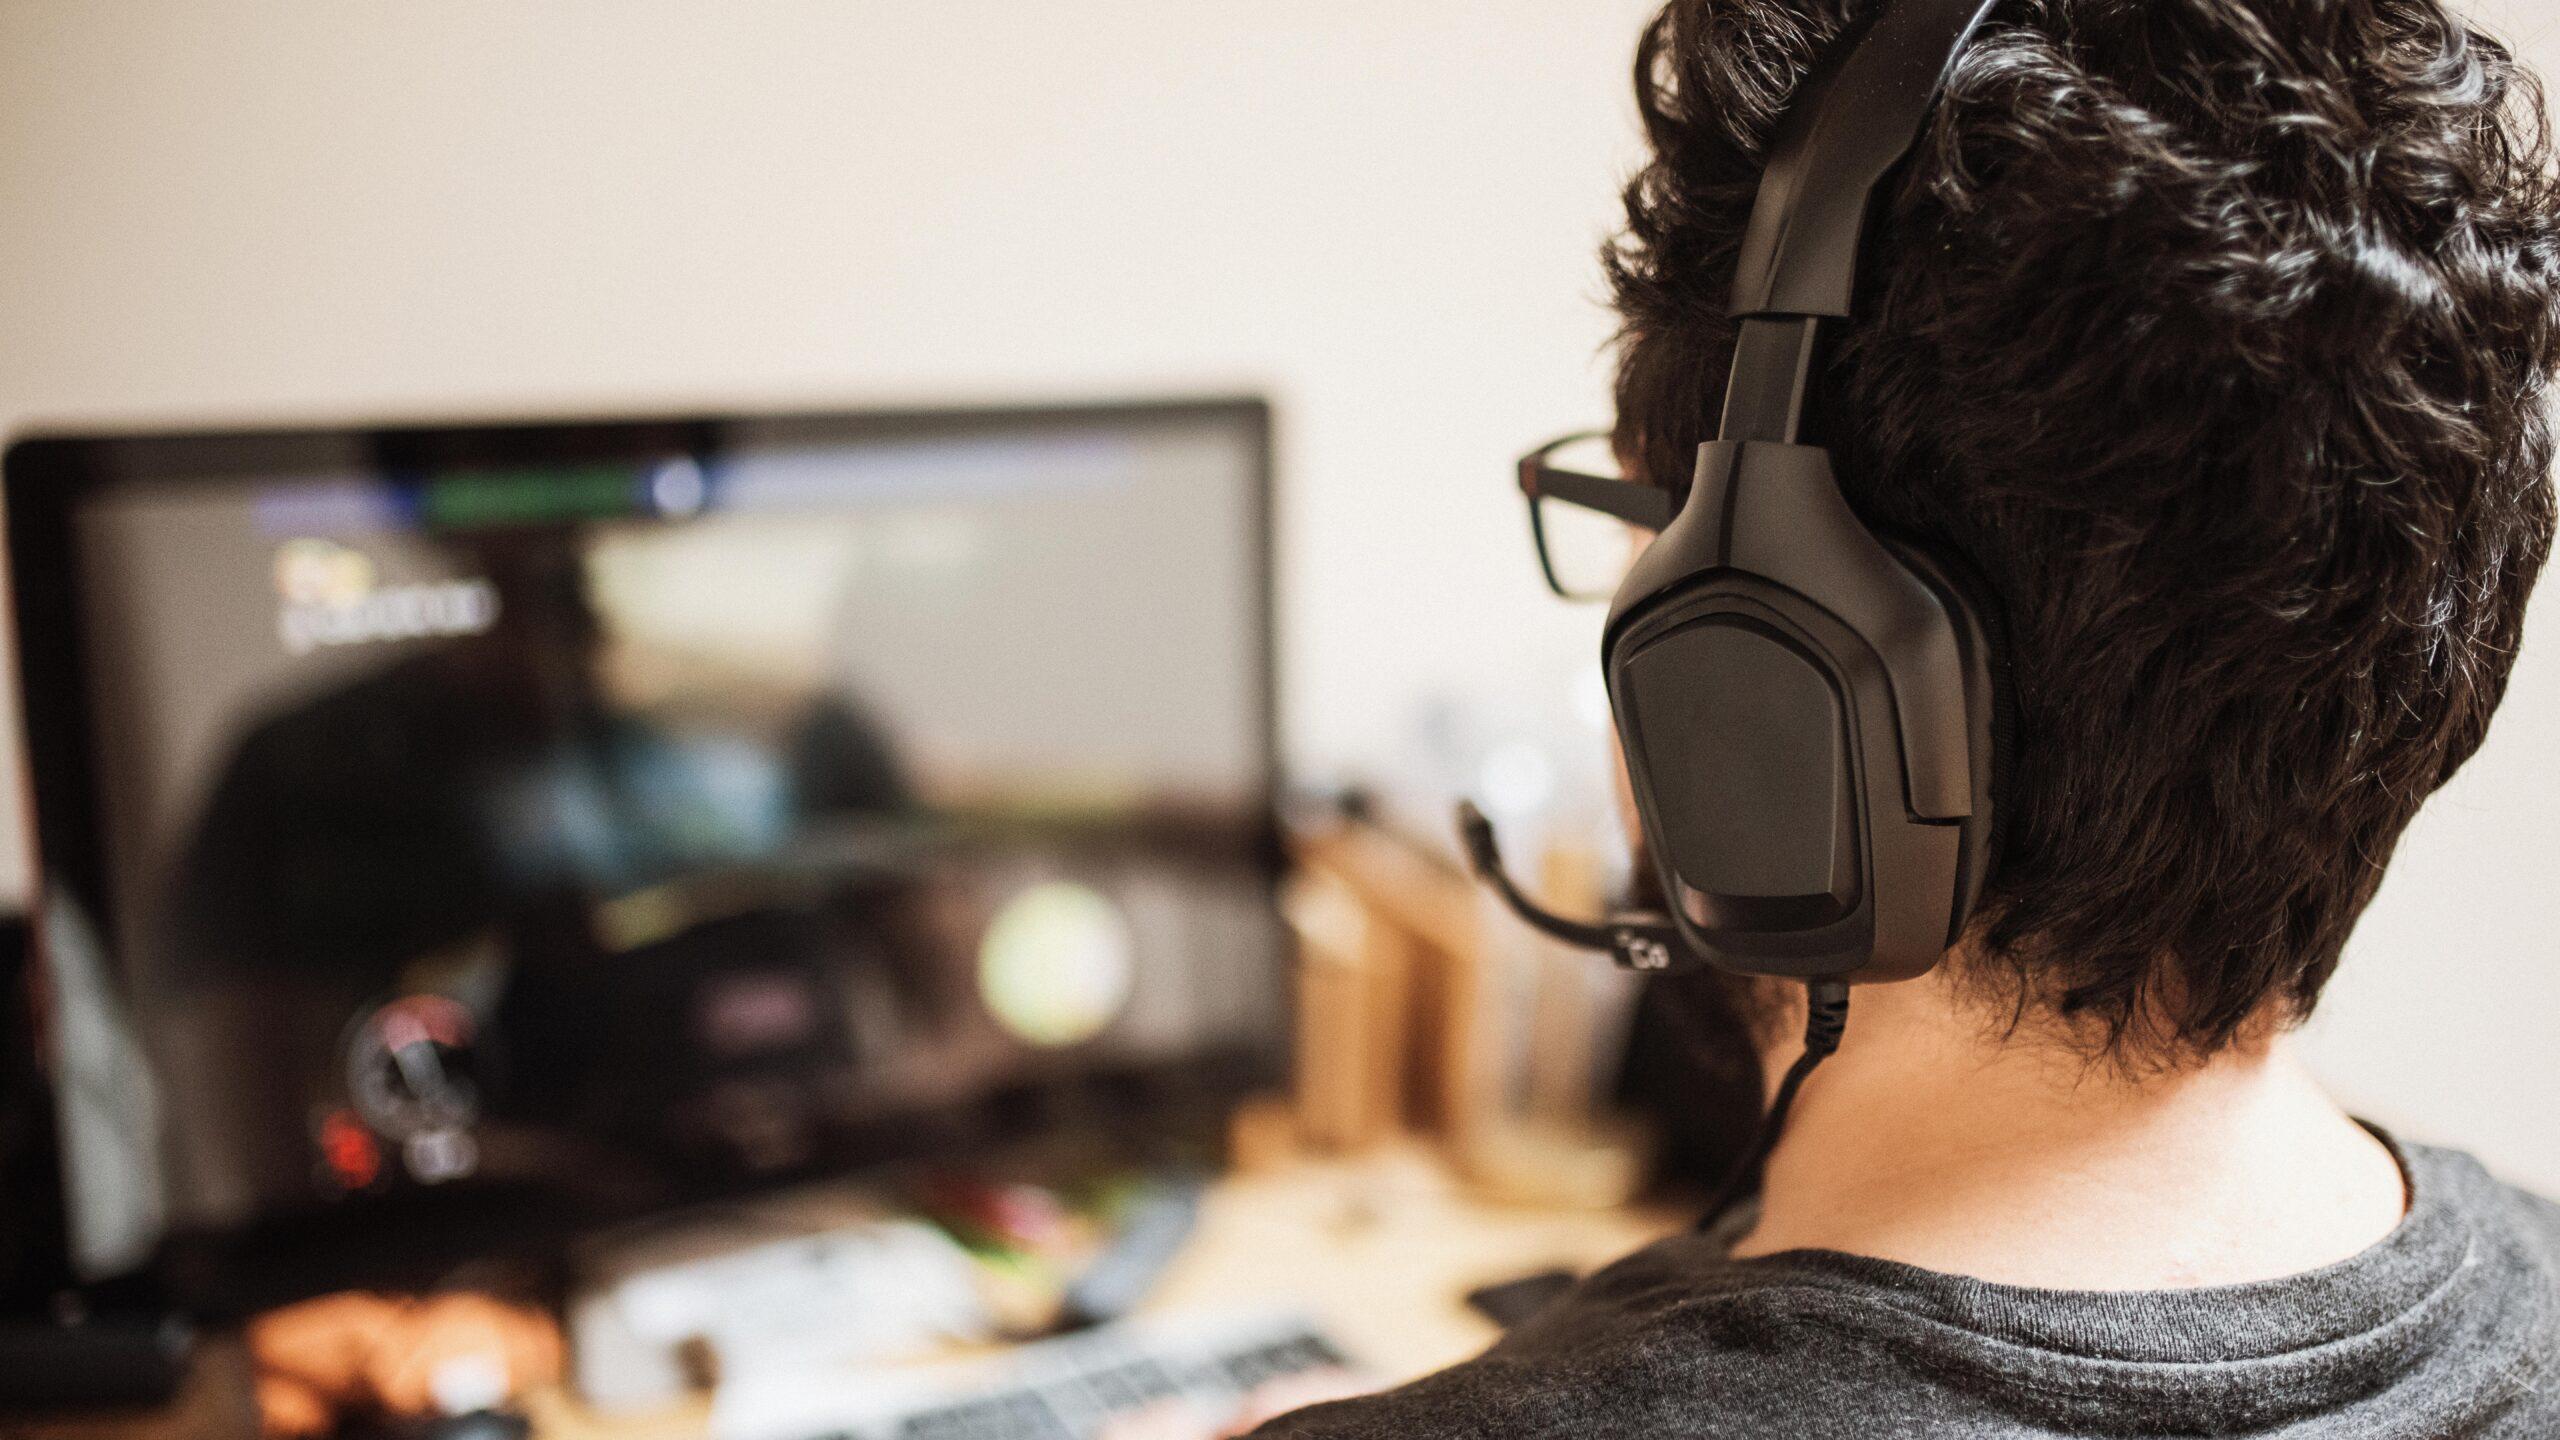 Videojáték függő vagy-e? Itt a TESZT!